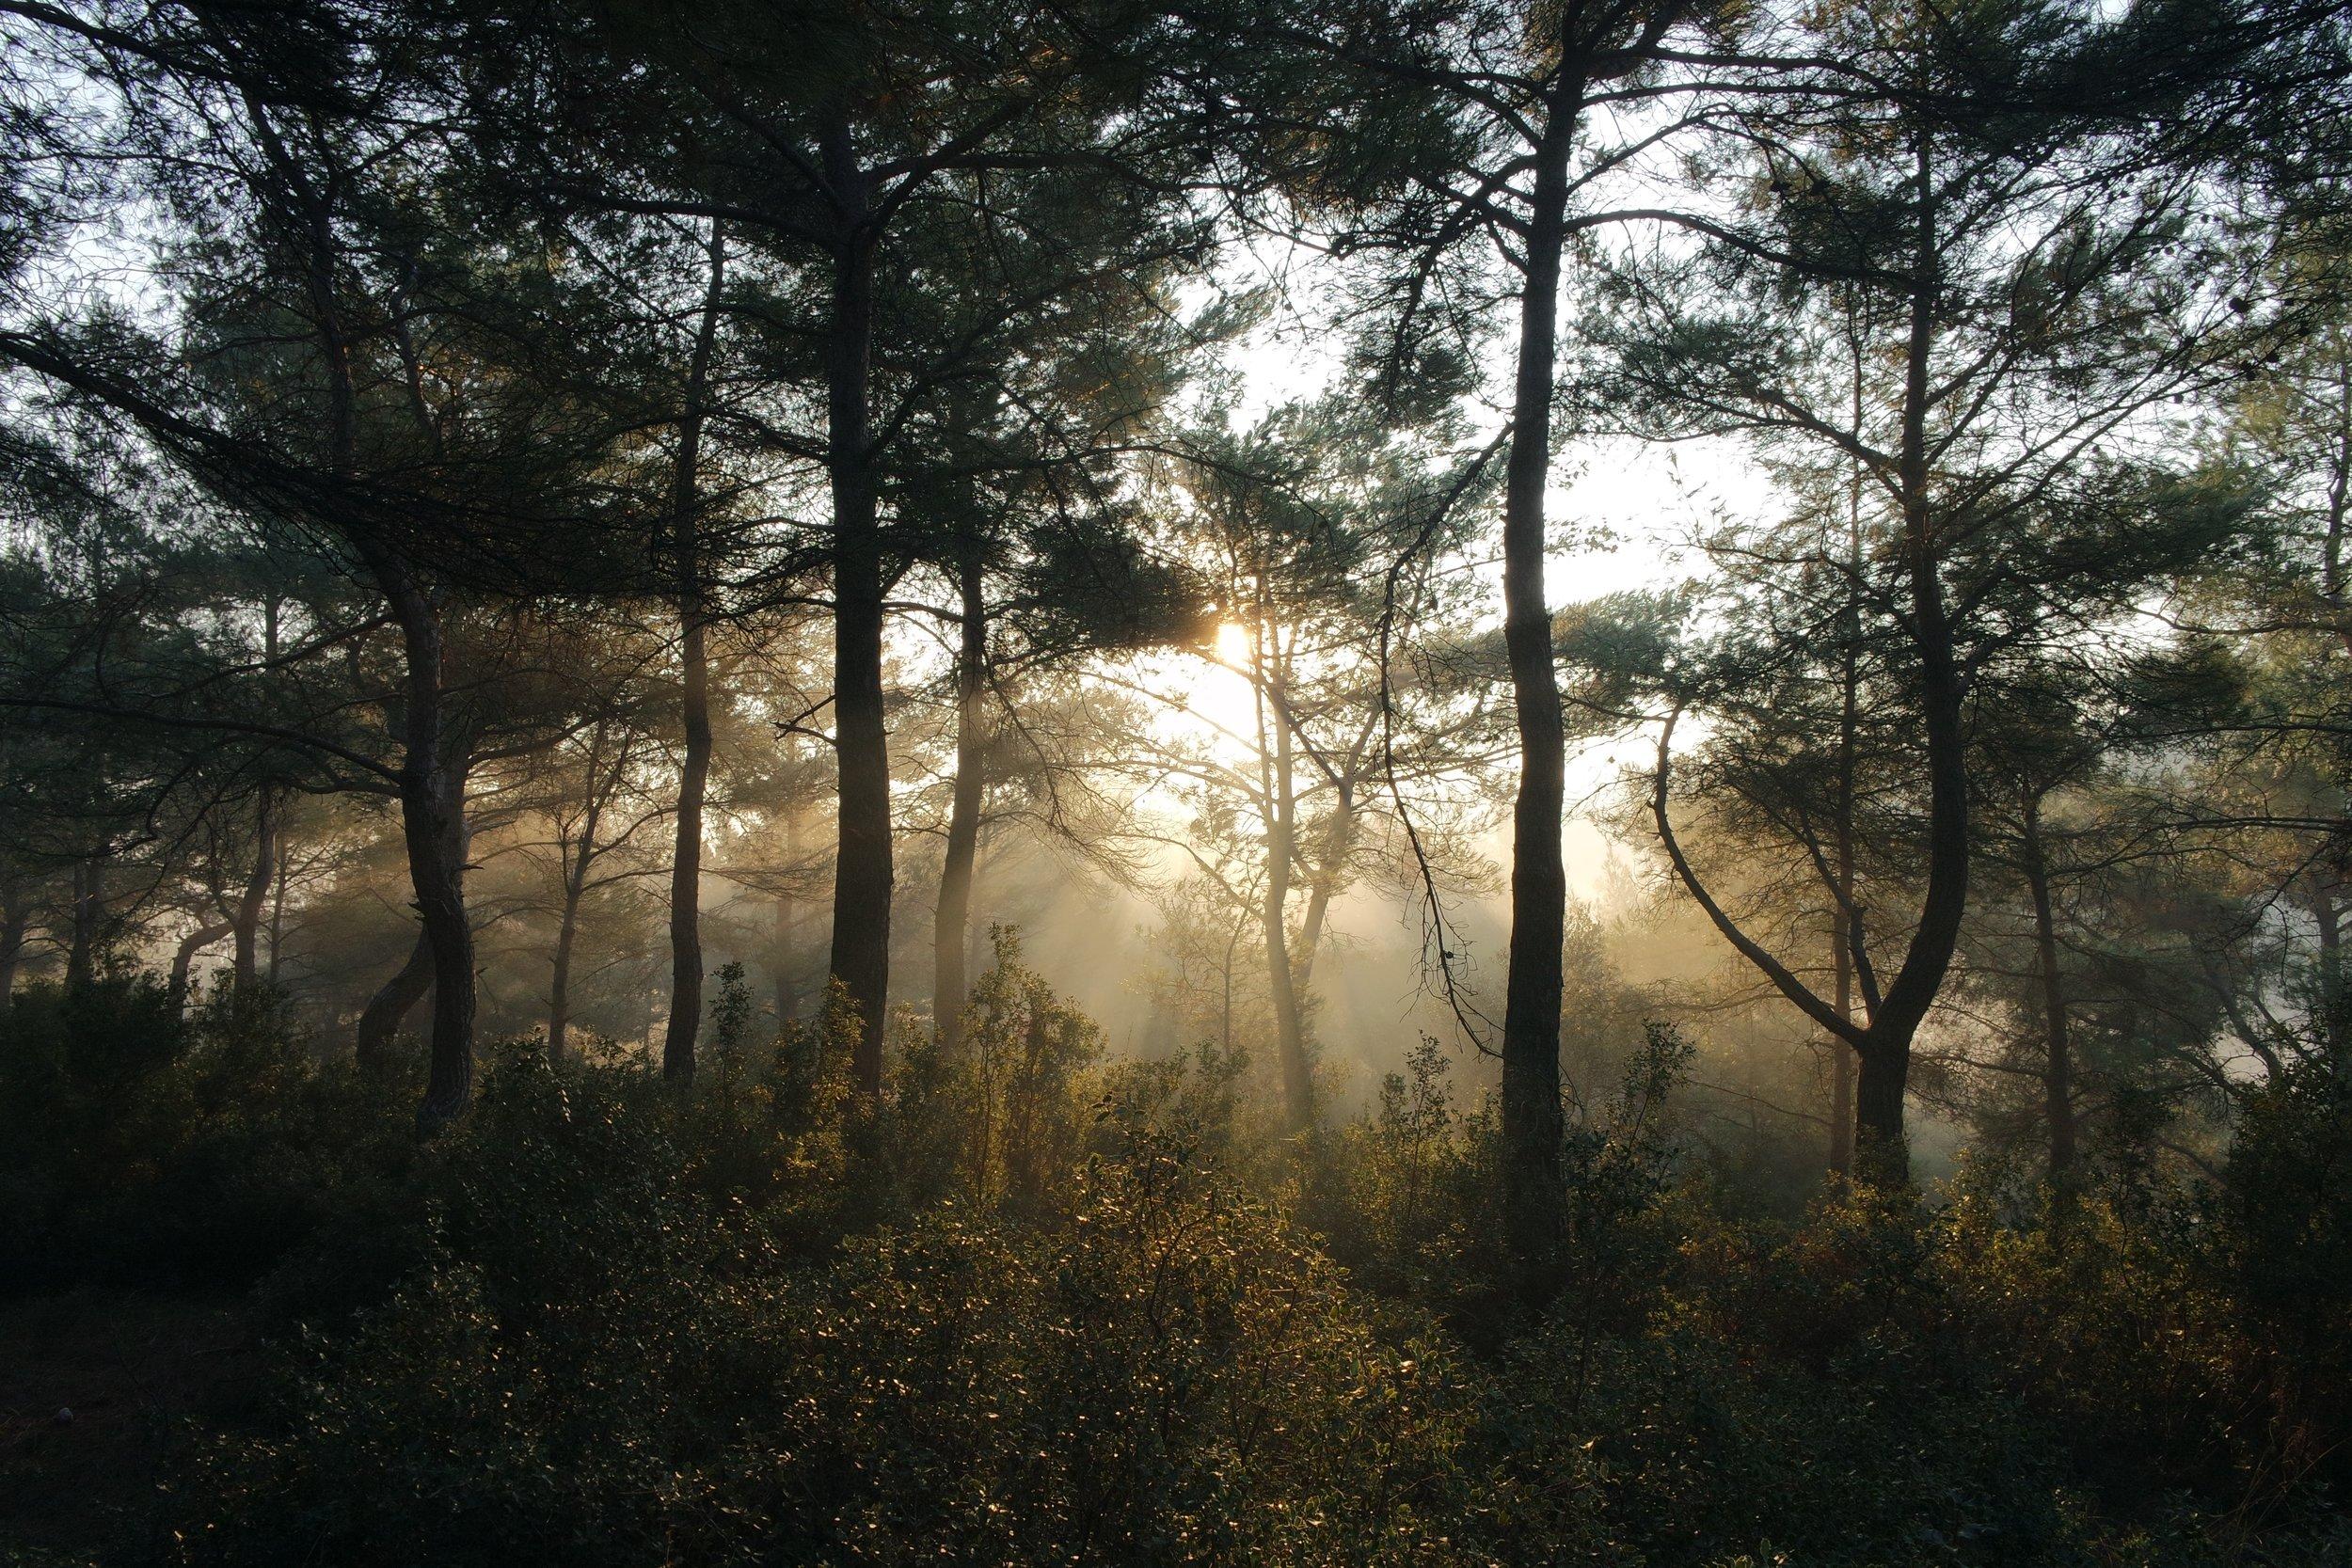 bushes-fog-foggy-23547.jpg